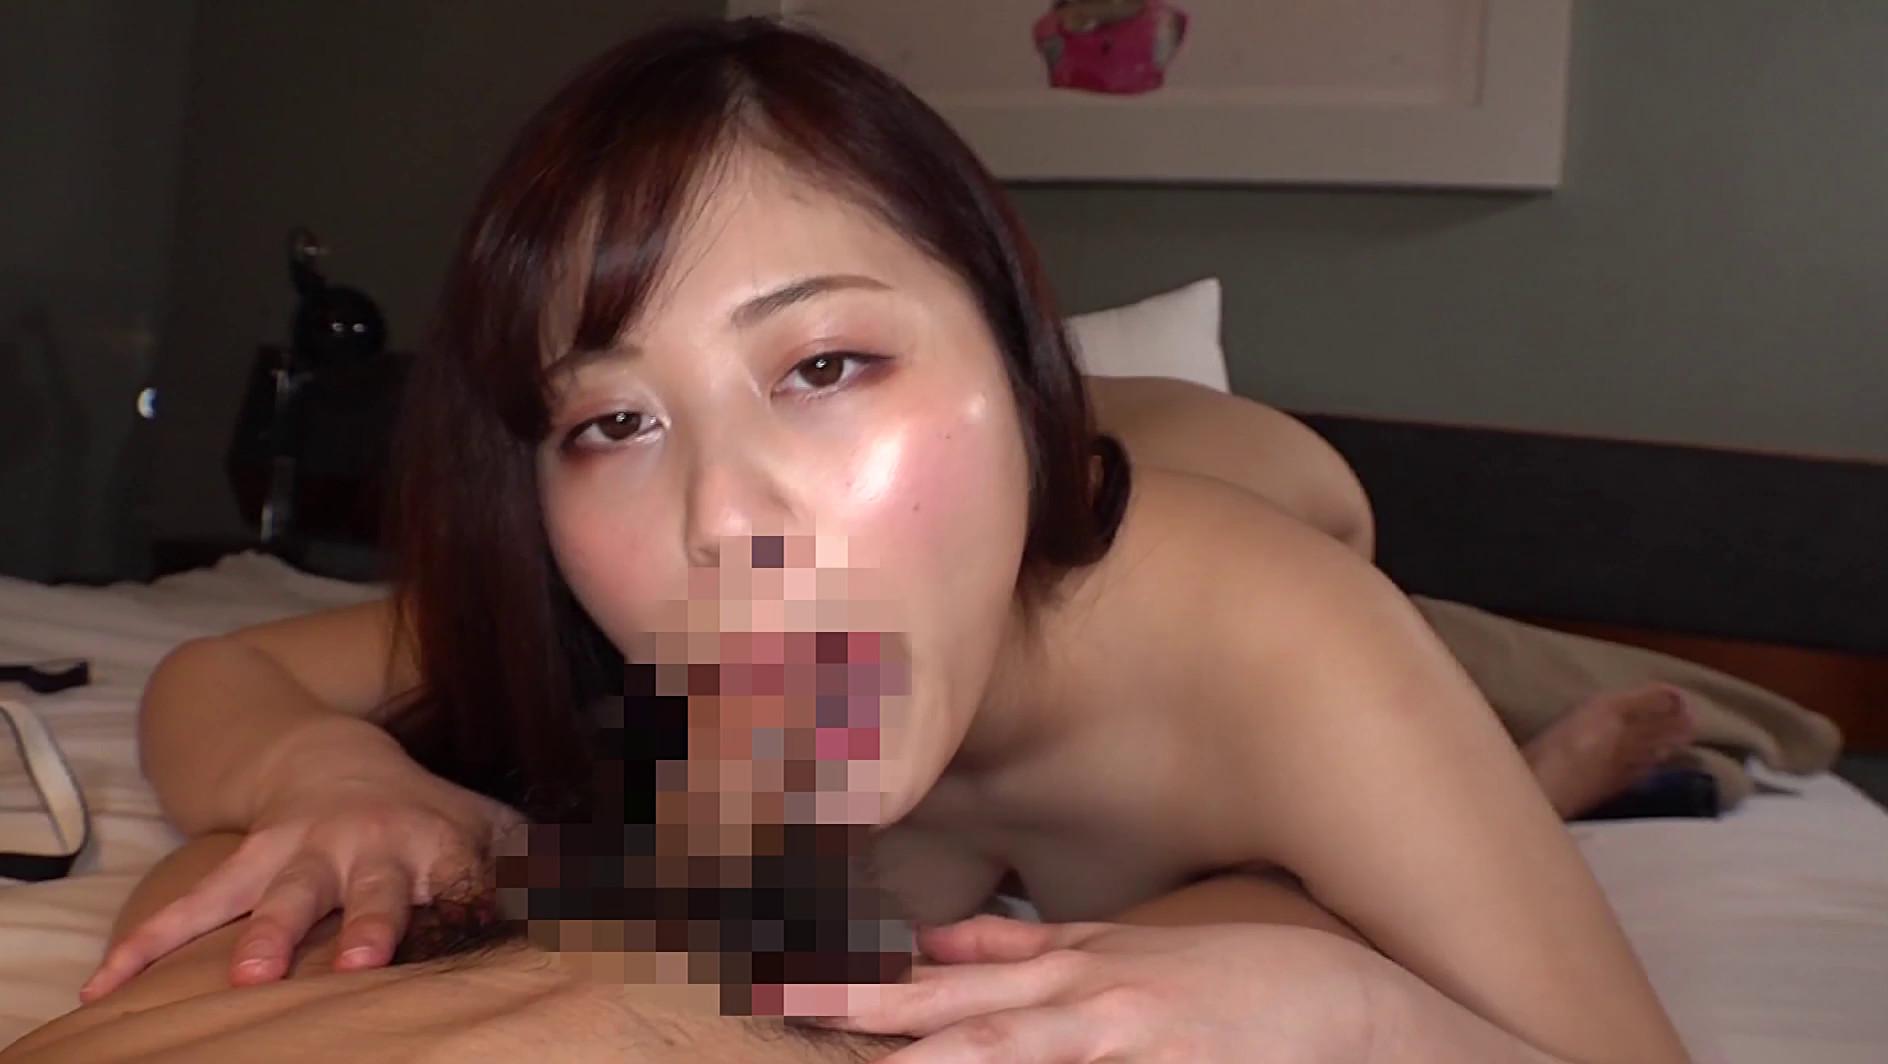 あやかちゃん21歳 SNSの裏垢でつながった女子大生を中●しヤリ捨て(1) 画像7